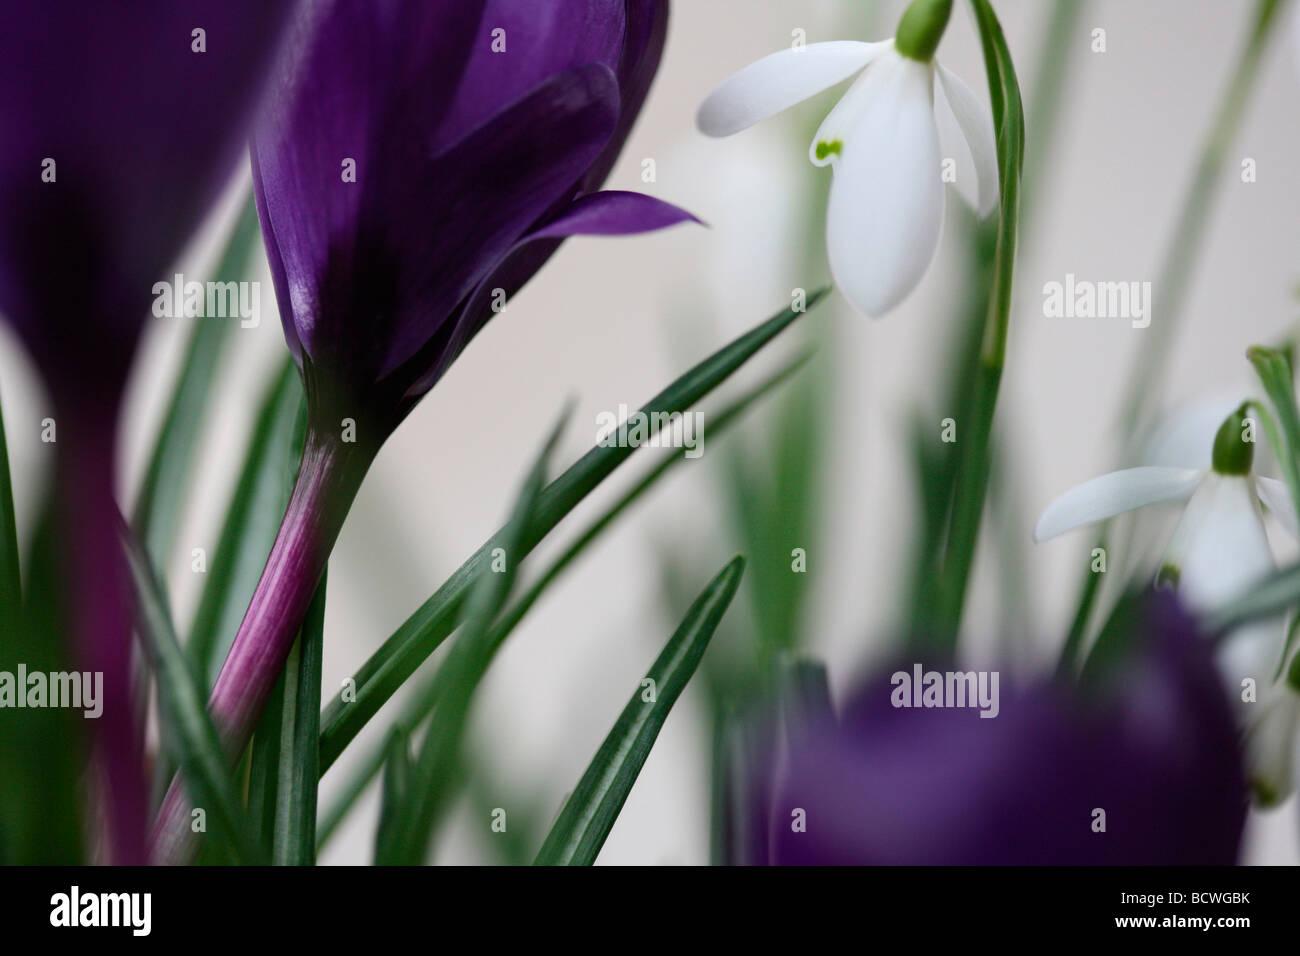 Sammlung von Schneeglöckchen und Krokusse traditionell der erste Frühling blühende Zwiebeln bildende Stockbild